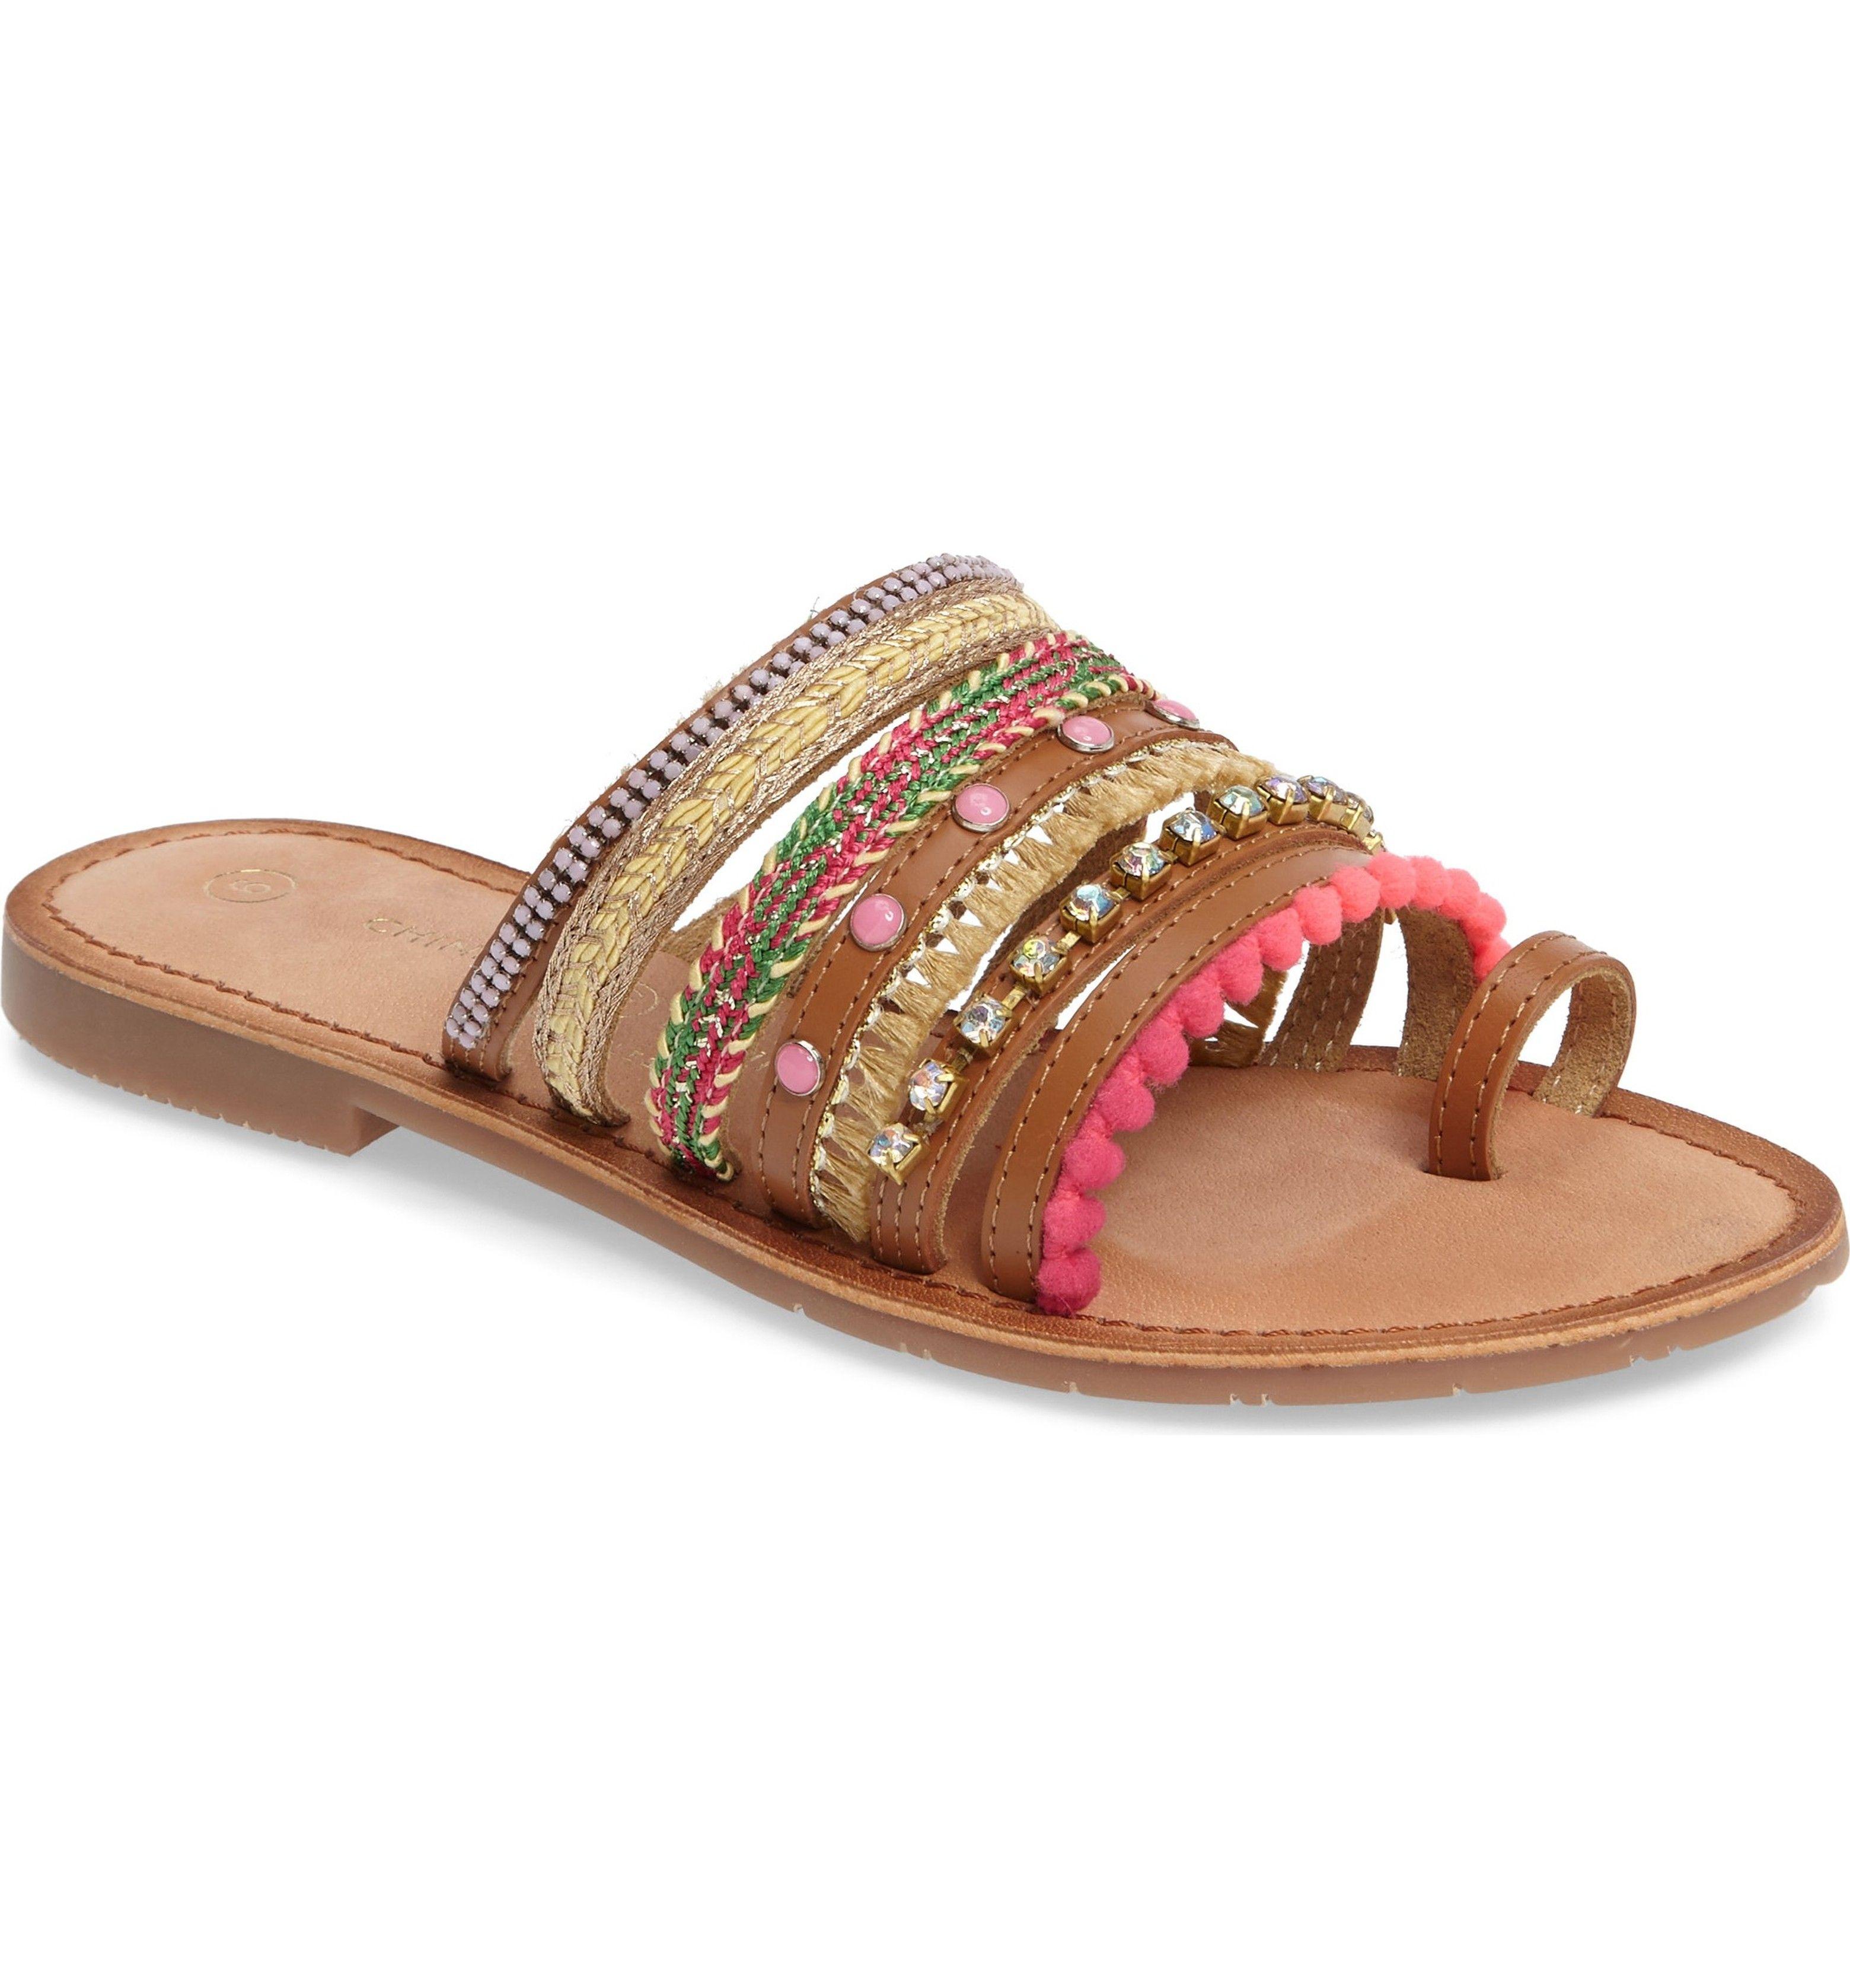 Main Image - Chinese Laundry Palma Embellished Sandal (Women) size 7